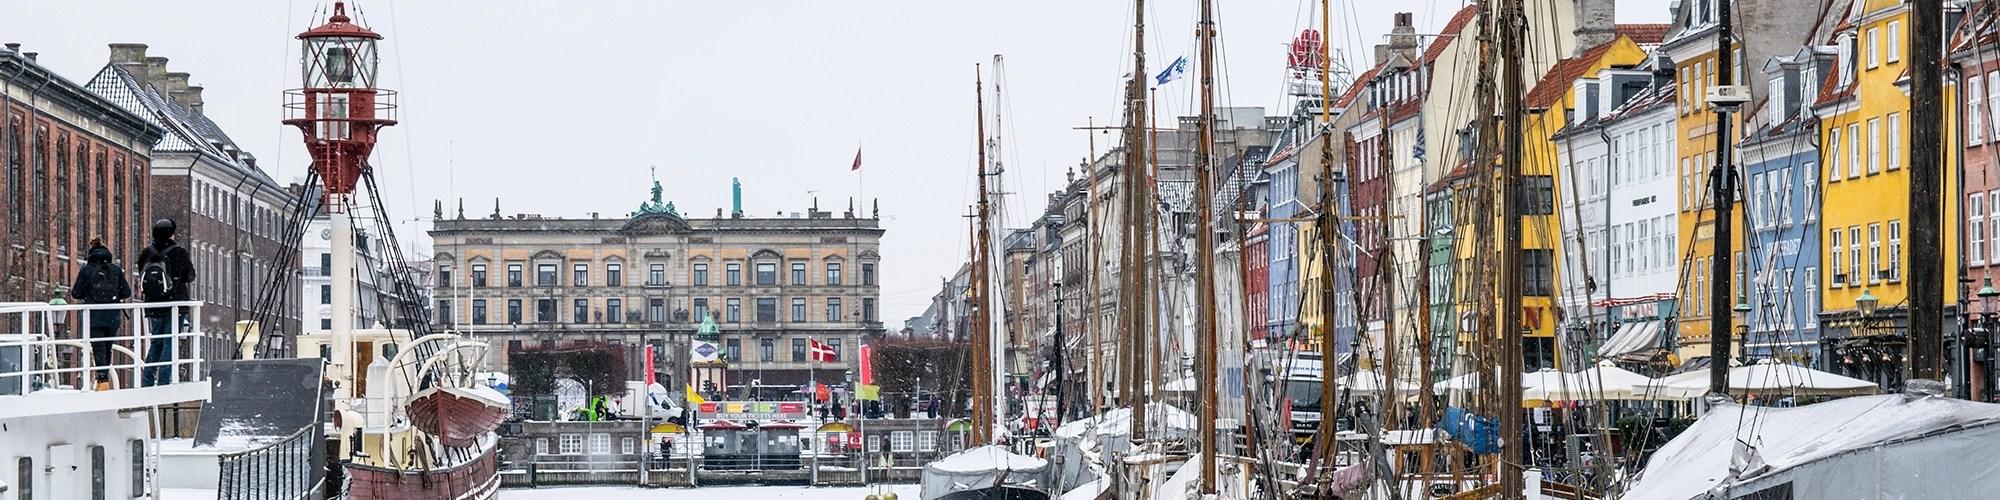 Copenhagen in snow